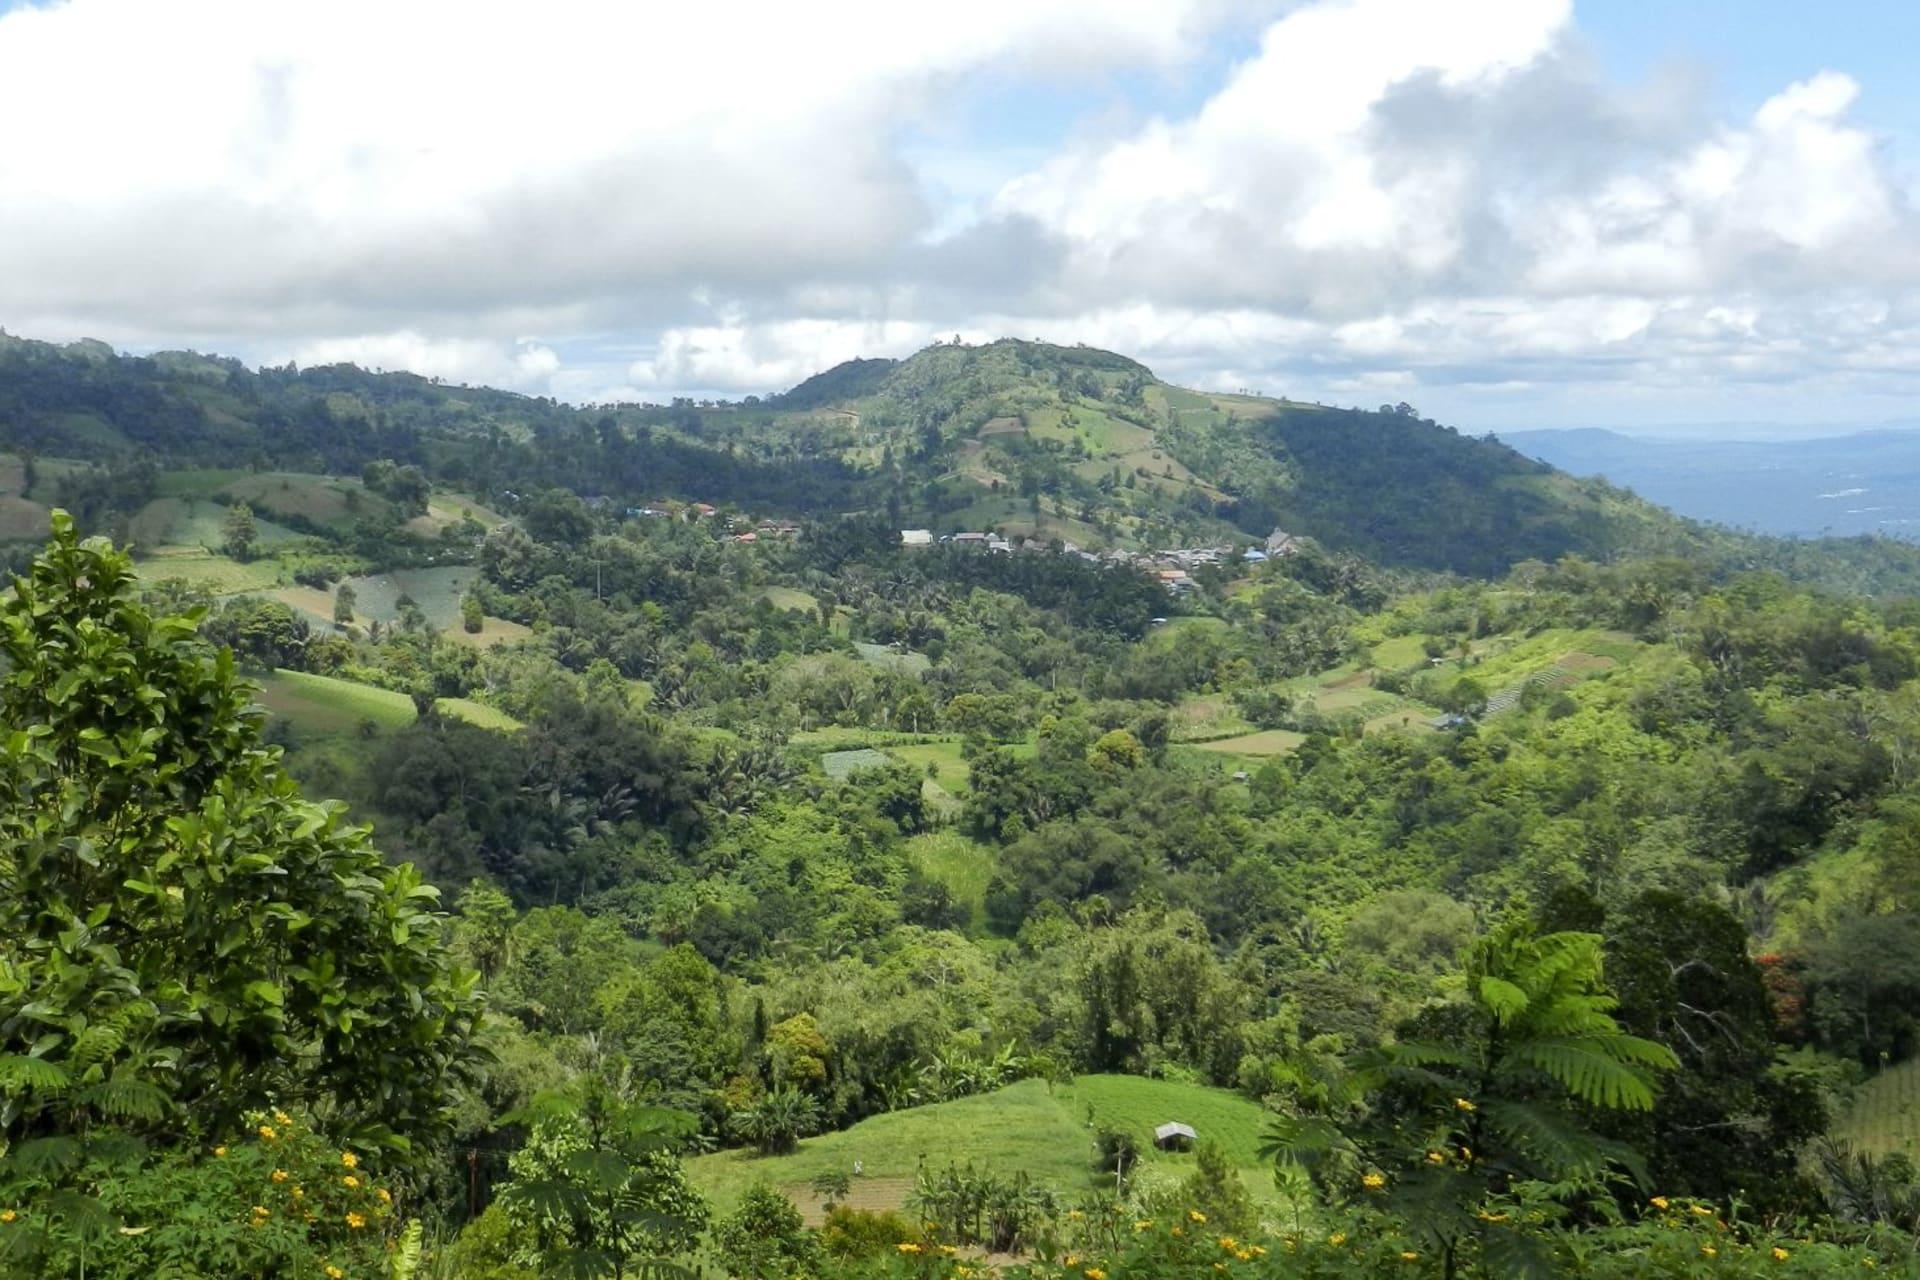 Sulawesi Minahasa Highlands